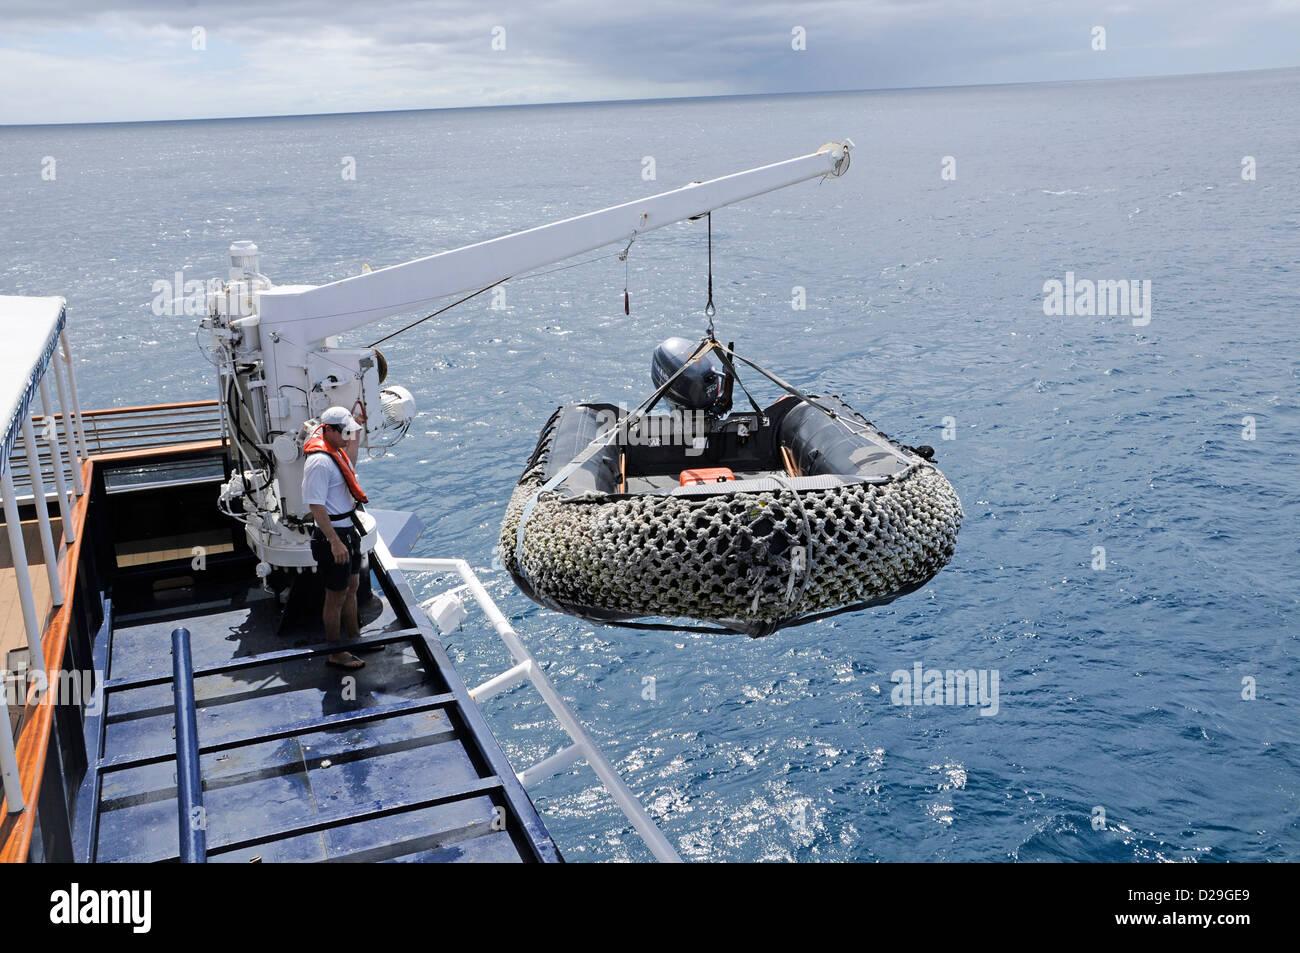 Ecuador Galapagos Islands Zodiac Boat Crane Crewman Cruise - Cruise ships to the galapagos islands